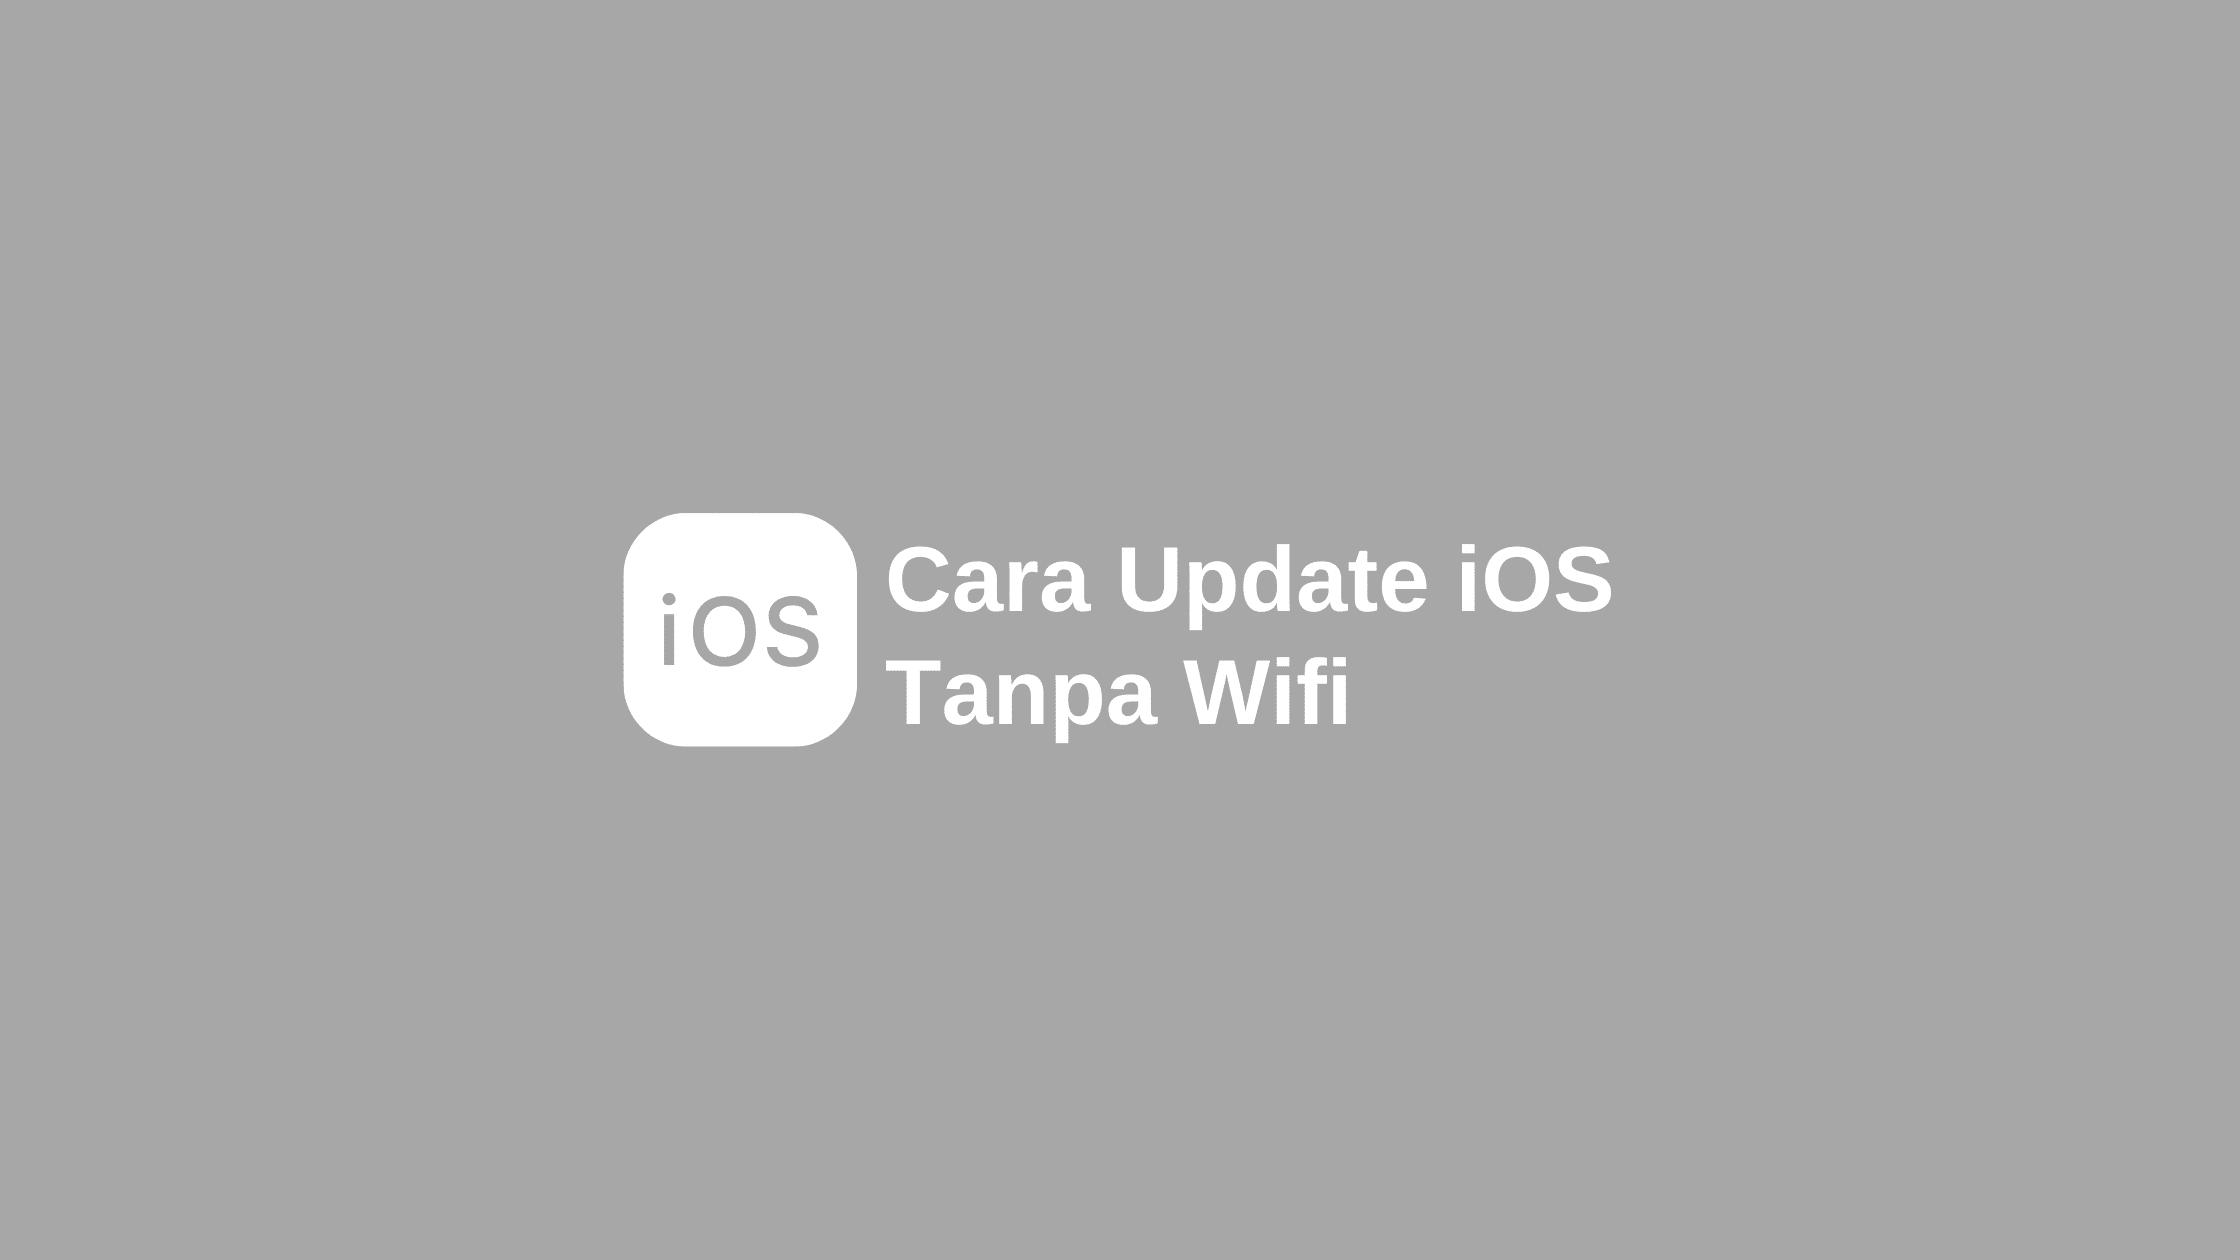 cara update ios tanpa wifi